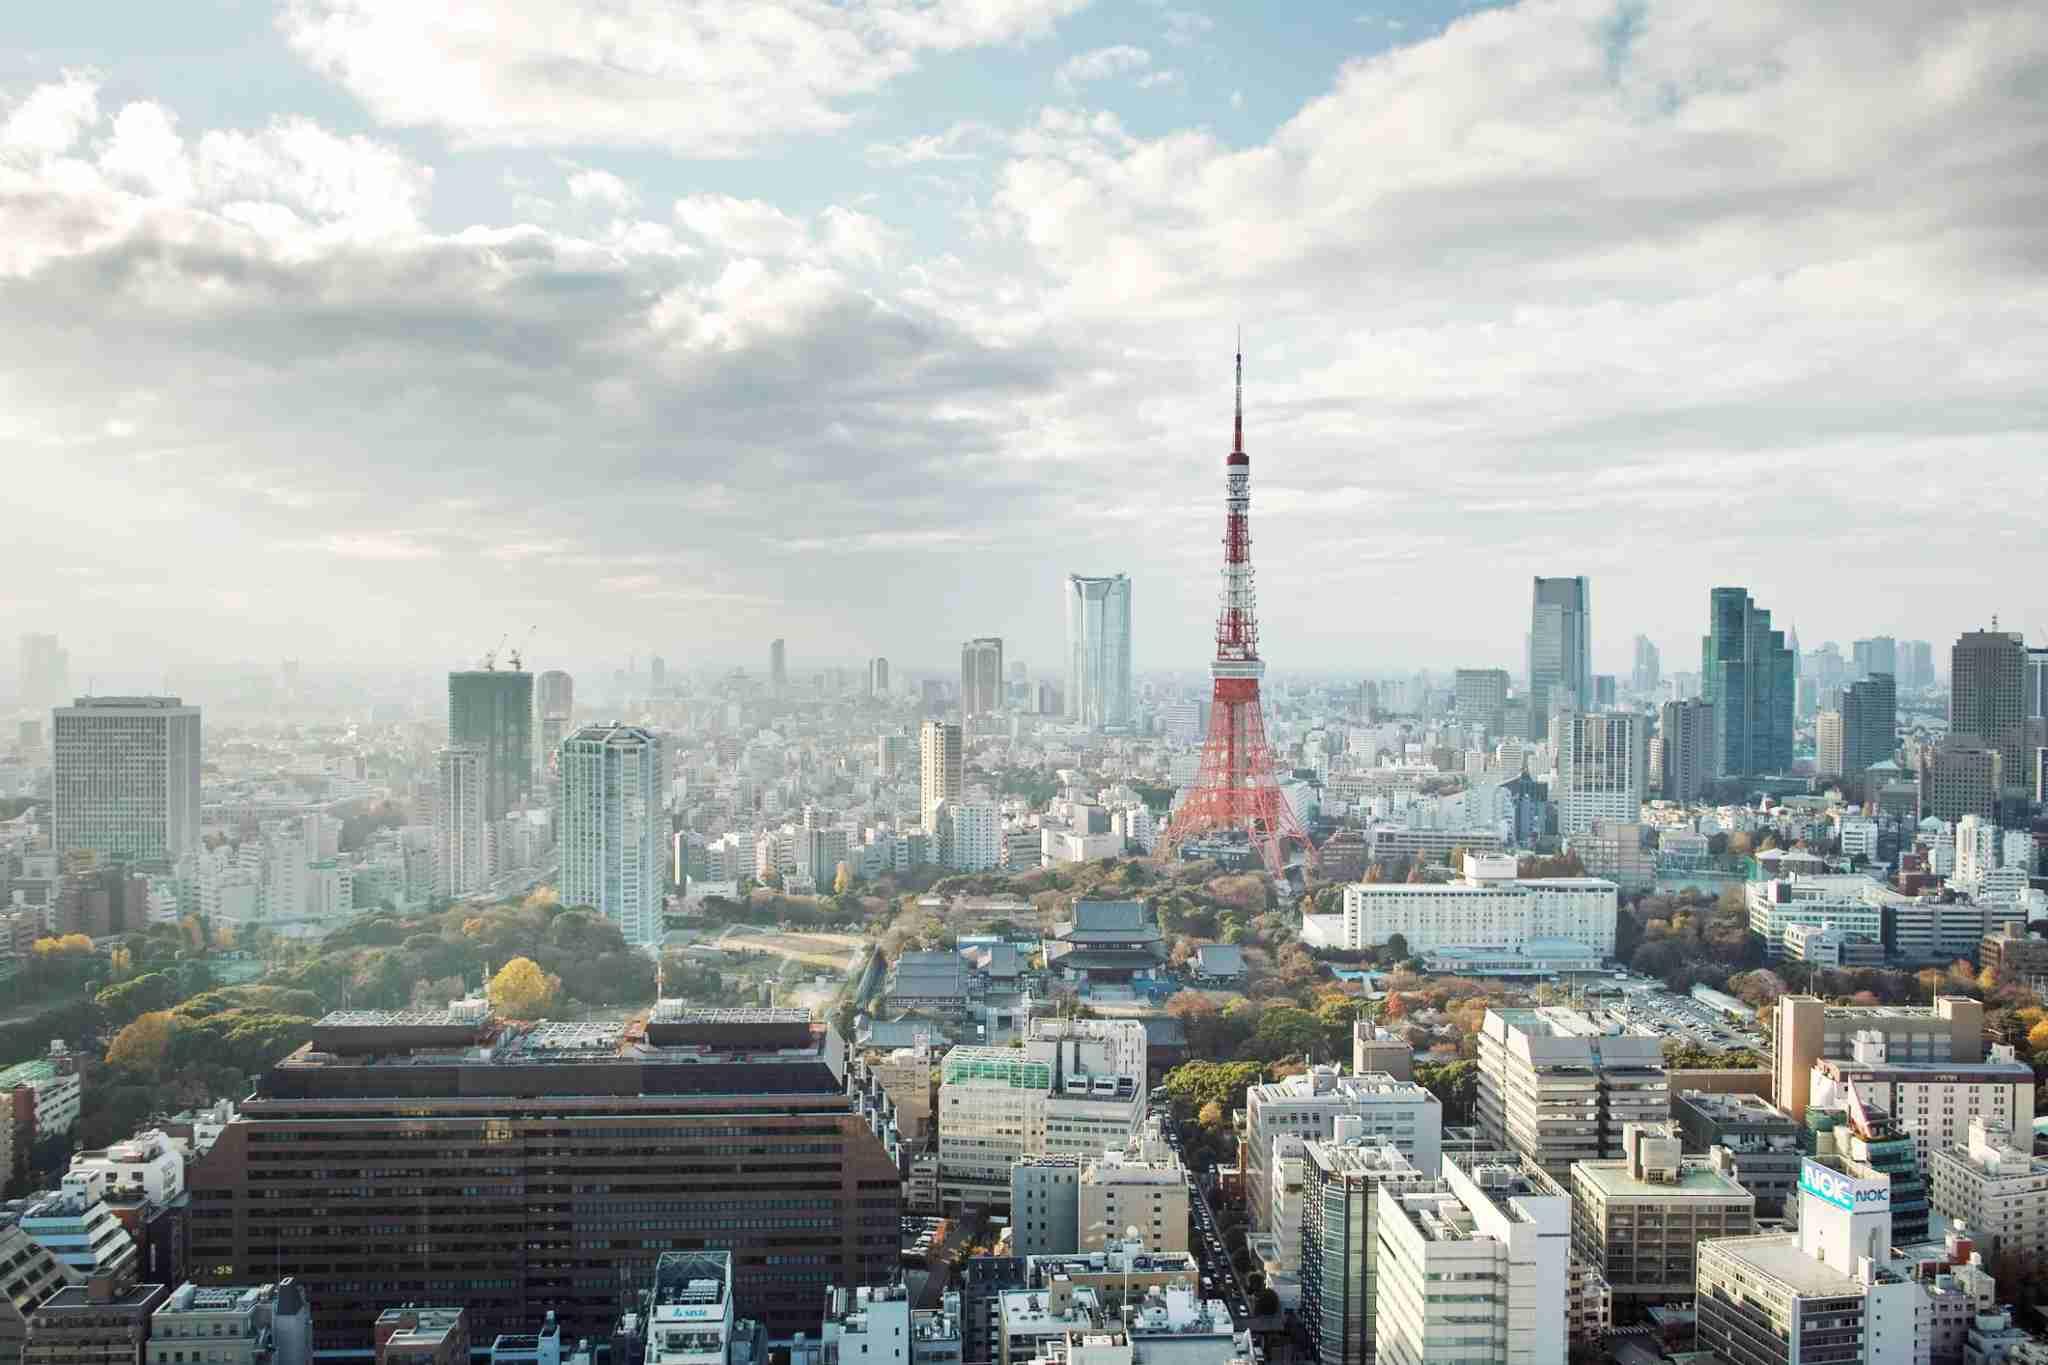 Minato ku, Tokyo, Japan, Tokyo Tower.